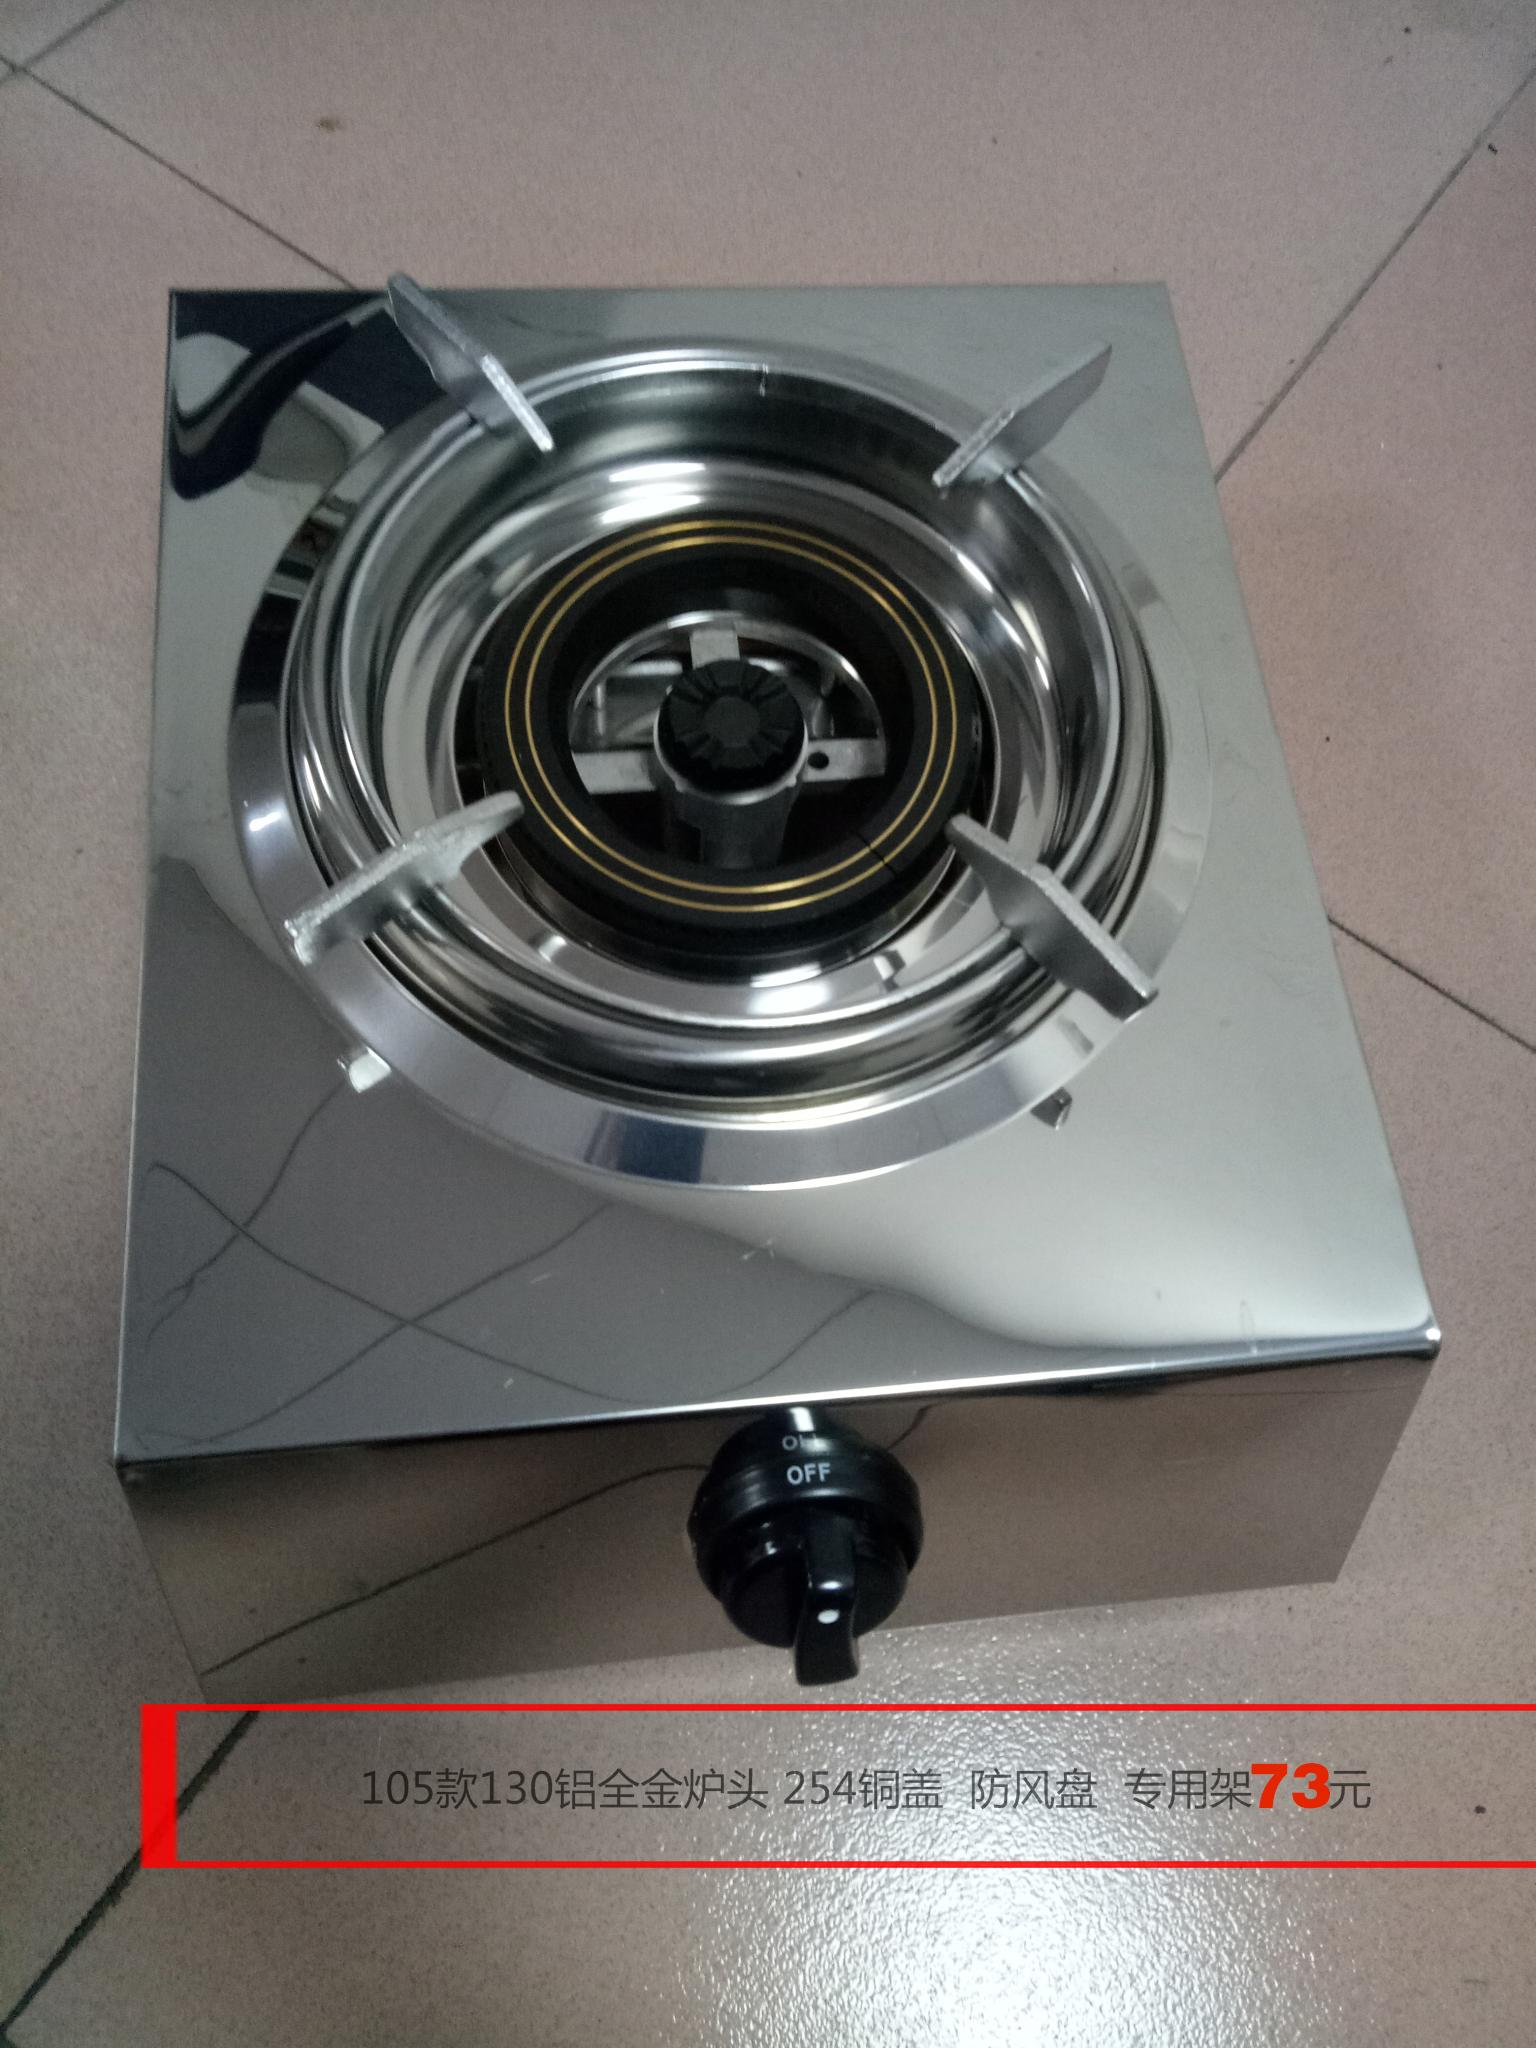 01 (7)台式不锈钢单灶具